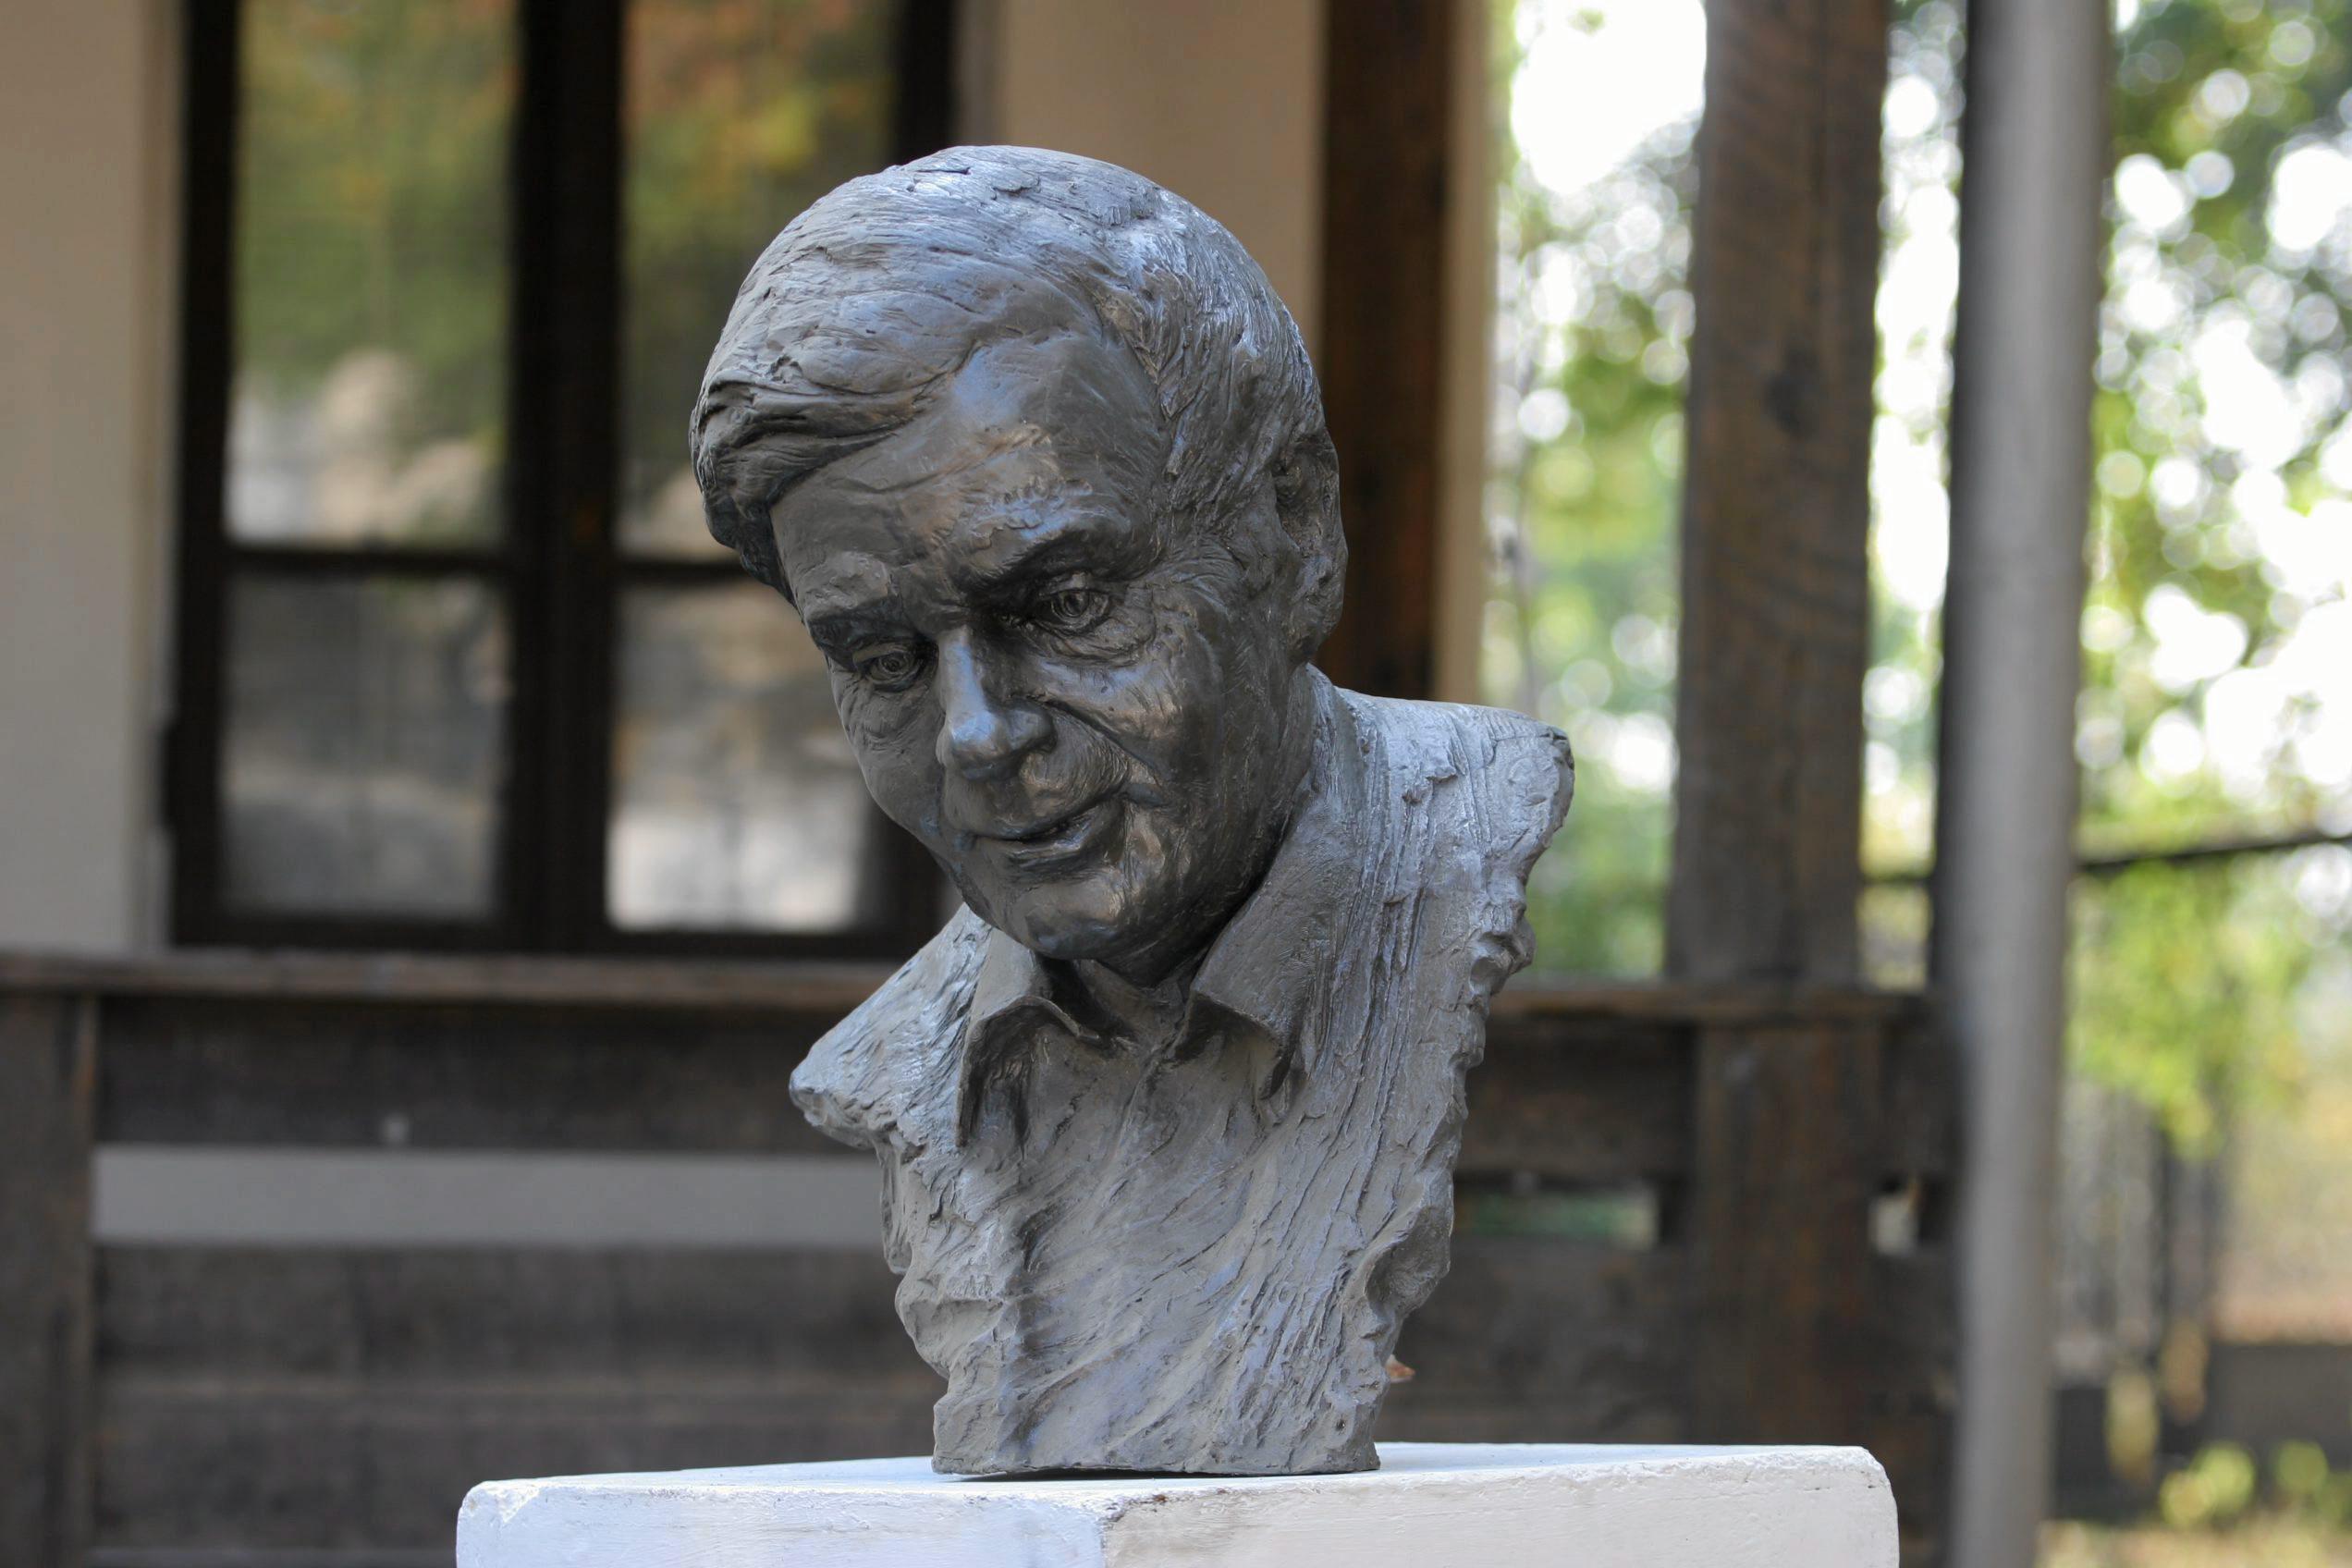 Rzeźba Zbigniewa Herberta w Kielcach (fot. Paweł Małecki / Agencja Gazeta)